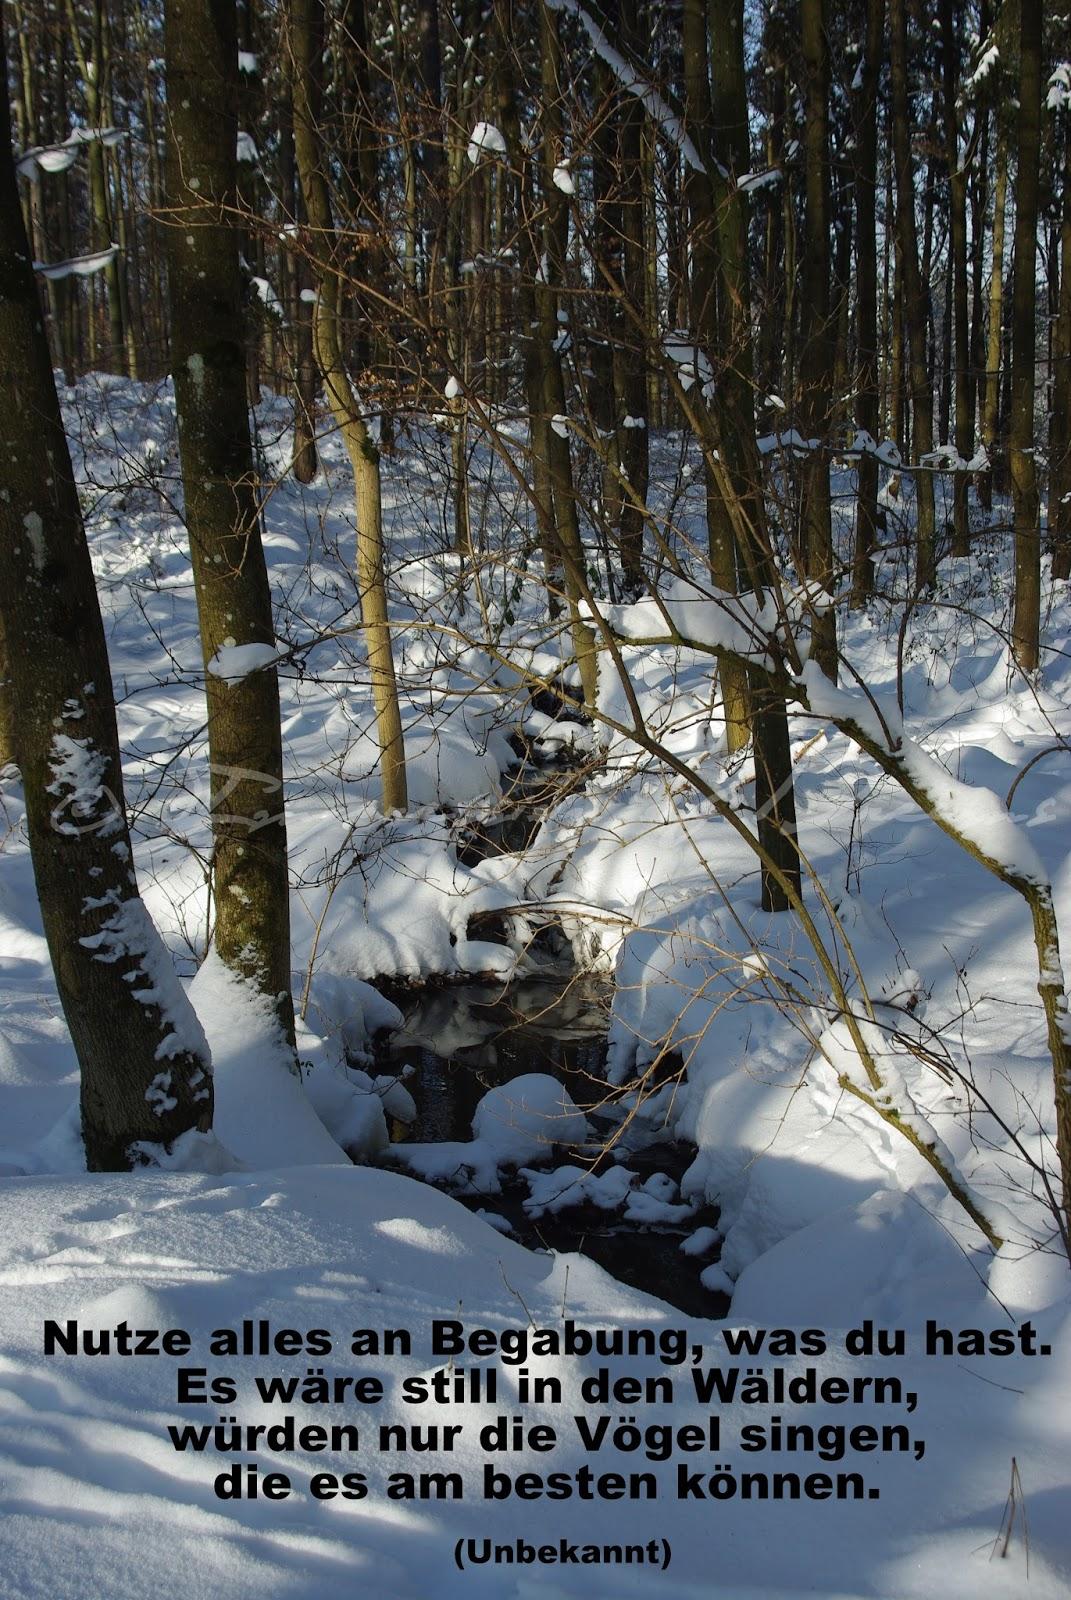 Nutze alles an Begabung, was du hast. Es wäre still in den Wäldern, würden nur die Vögel singen, die es am besten können